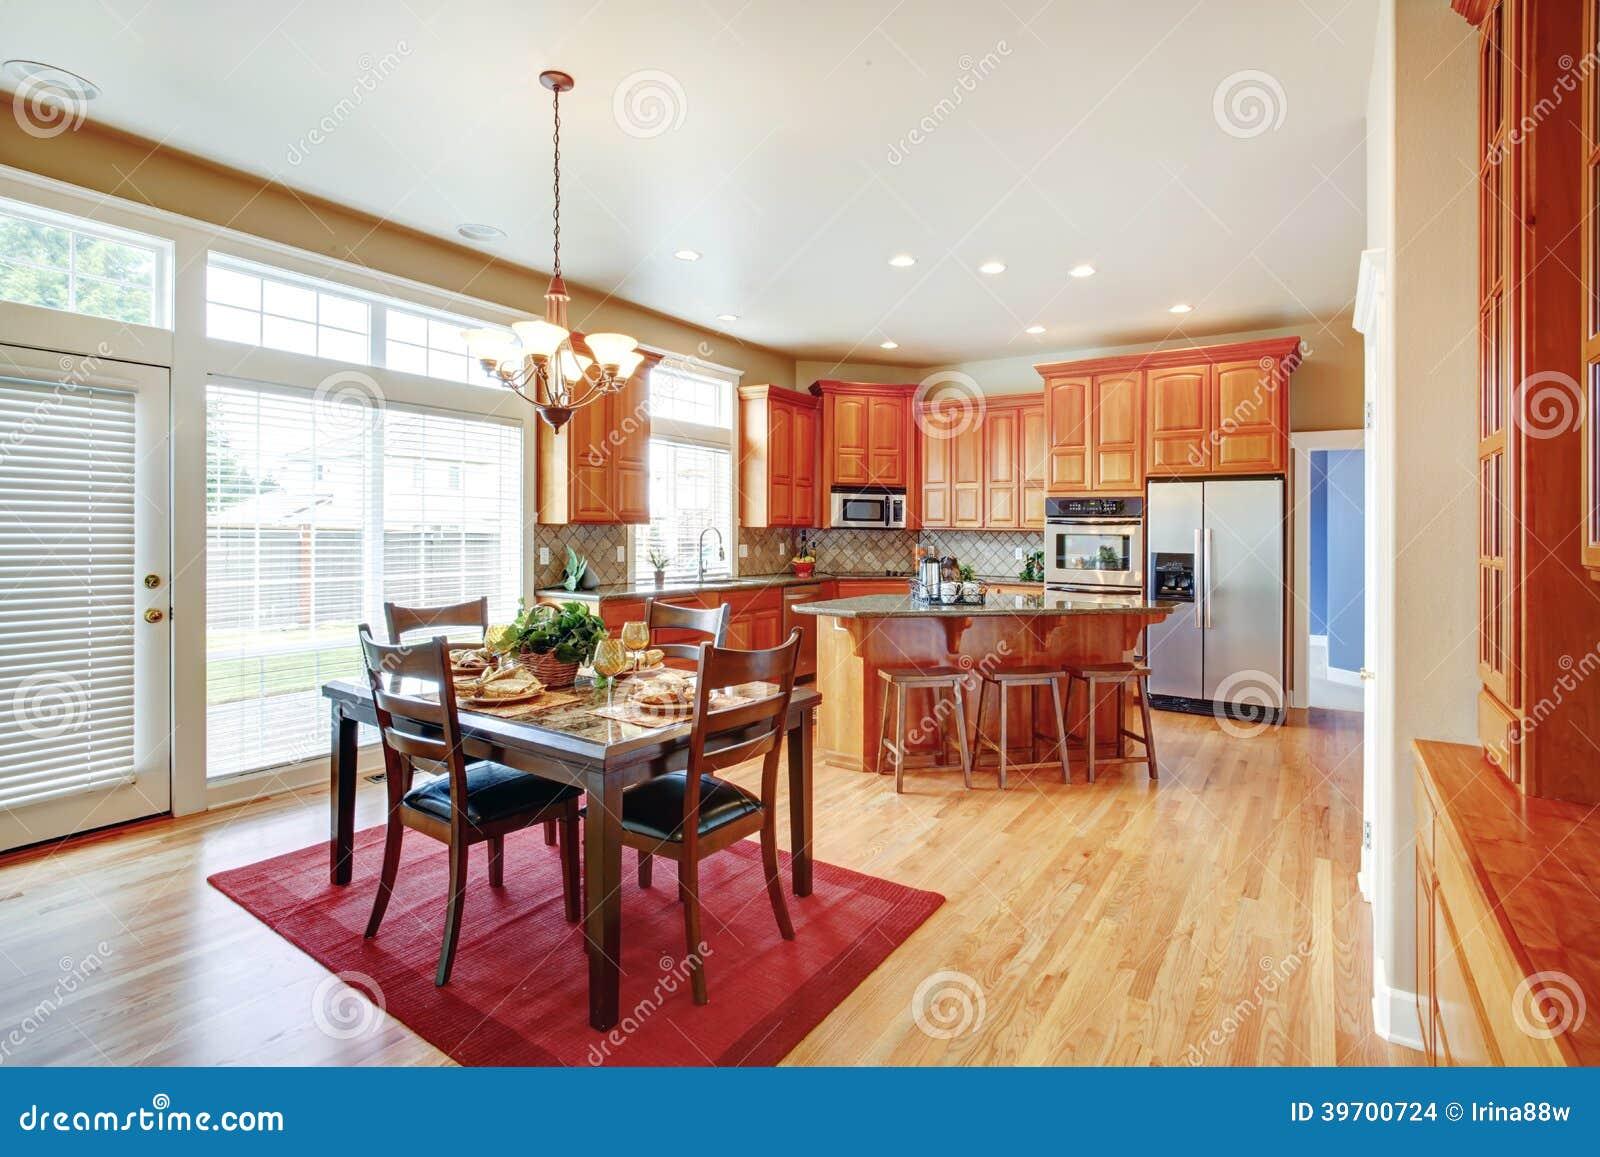 Stanza moderna della cucina con l 39 isola e l 39 area pranzante - Cucina con l isola ...